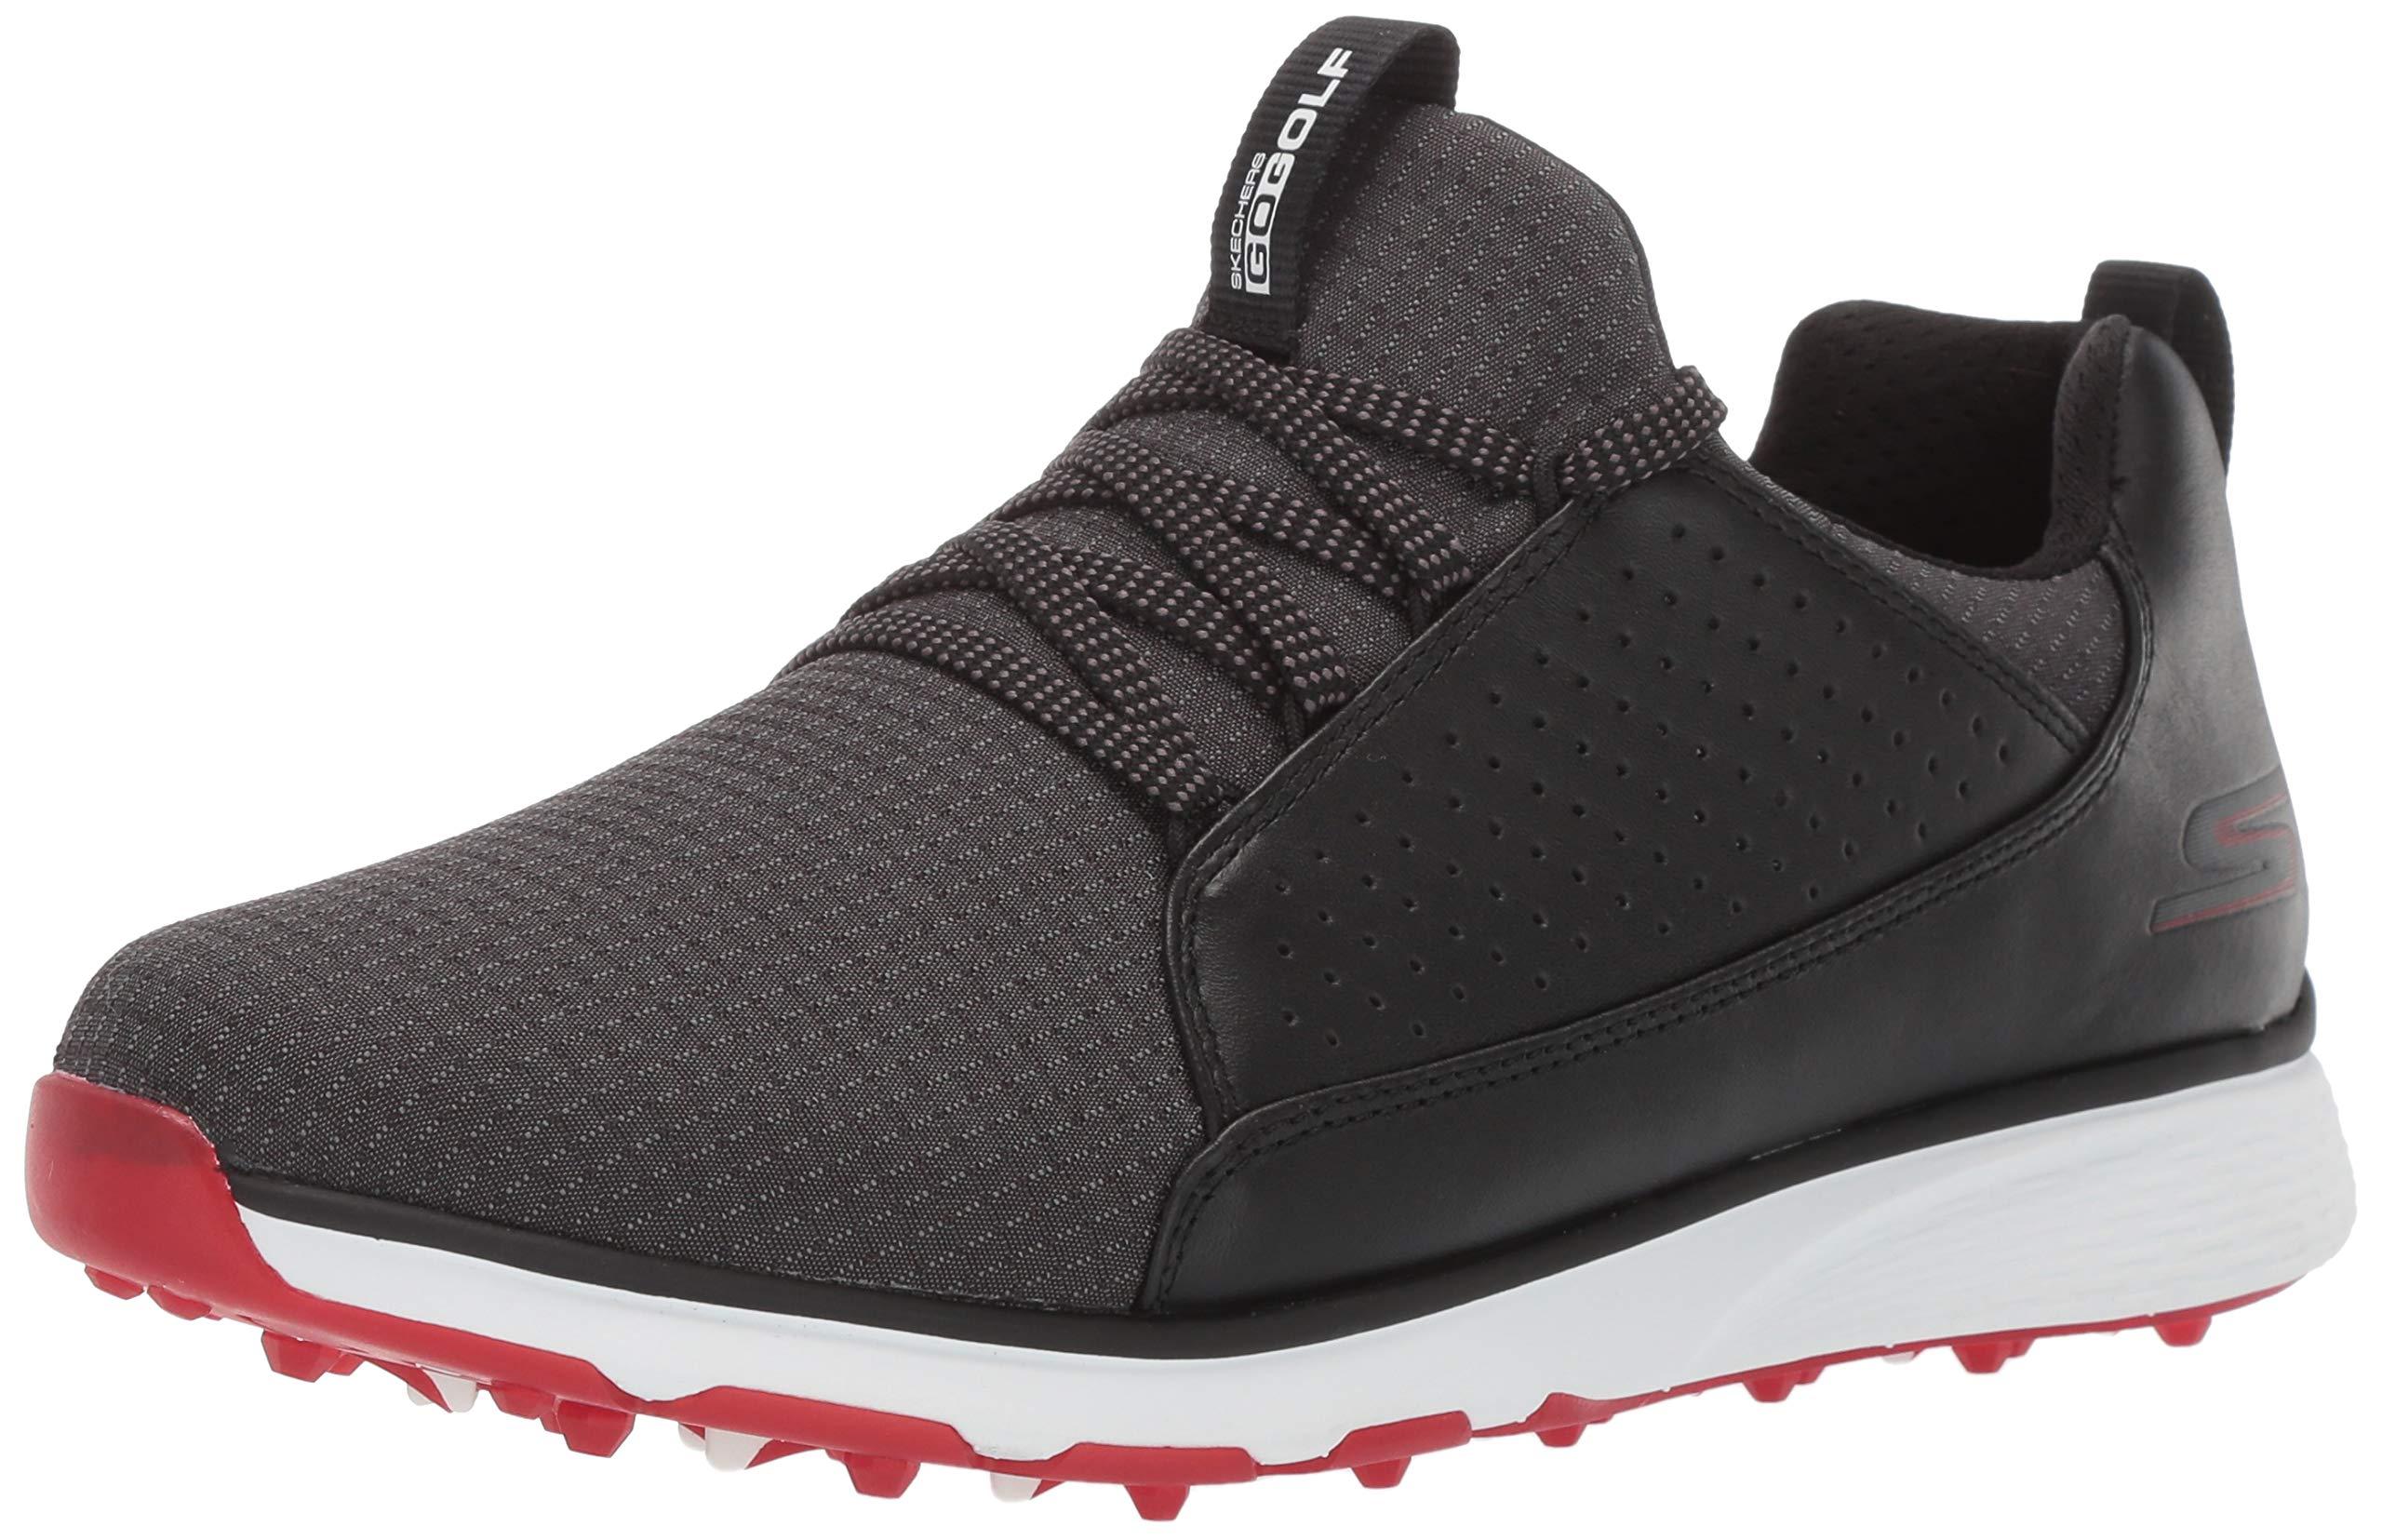 Skechers Men's Mojo Waterproof Golf Shoe, Black/red Textile, 8.5 M US by Skechers